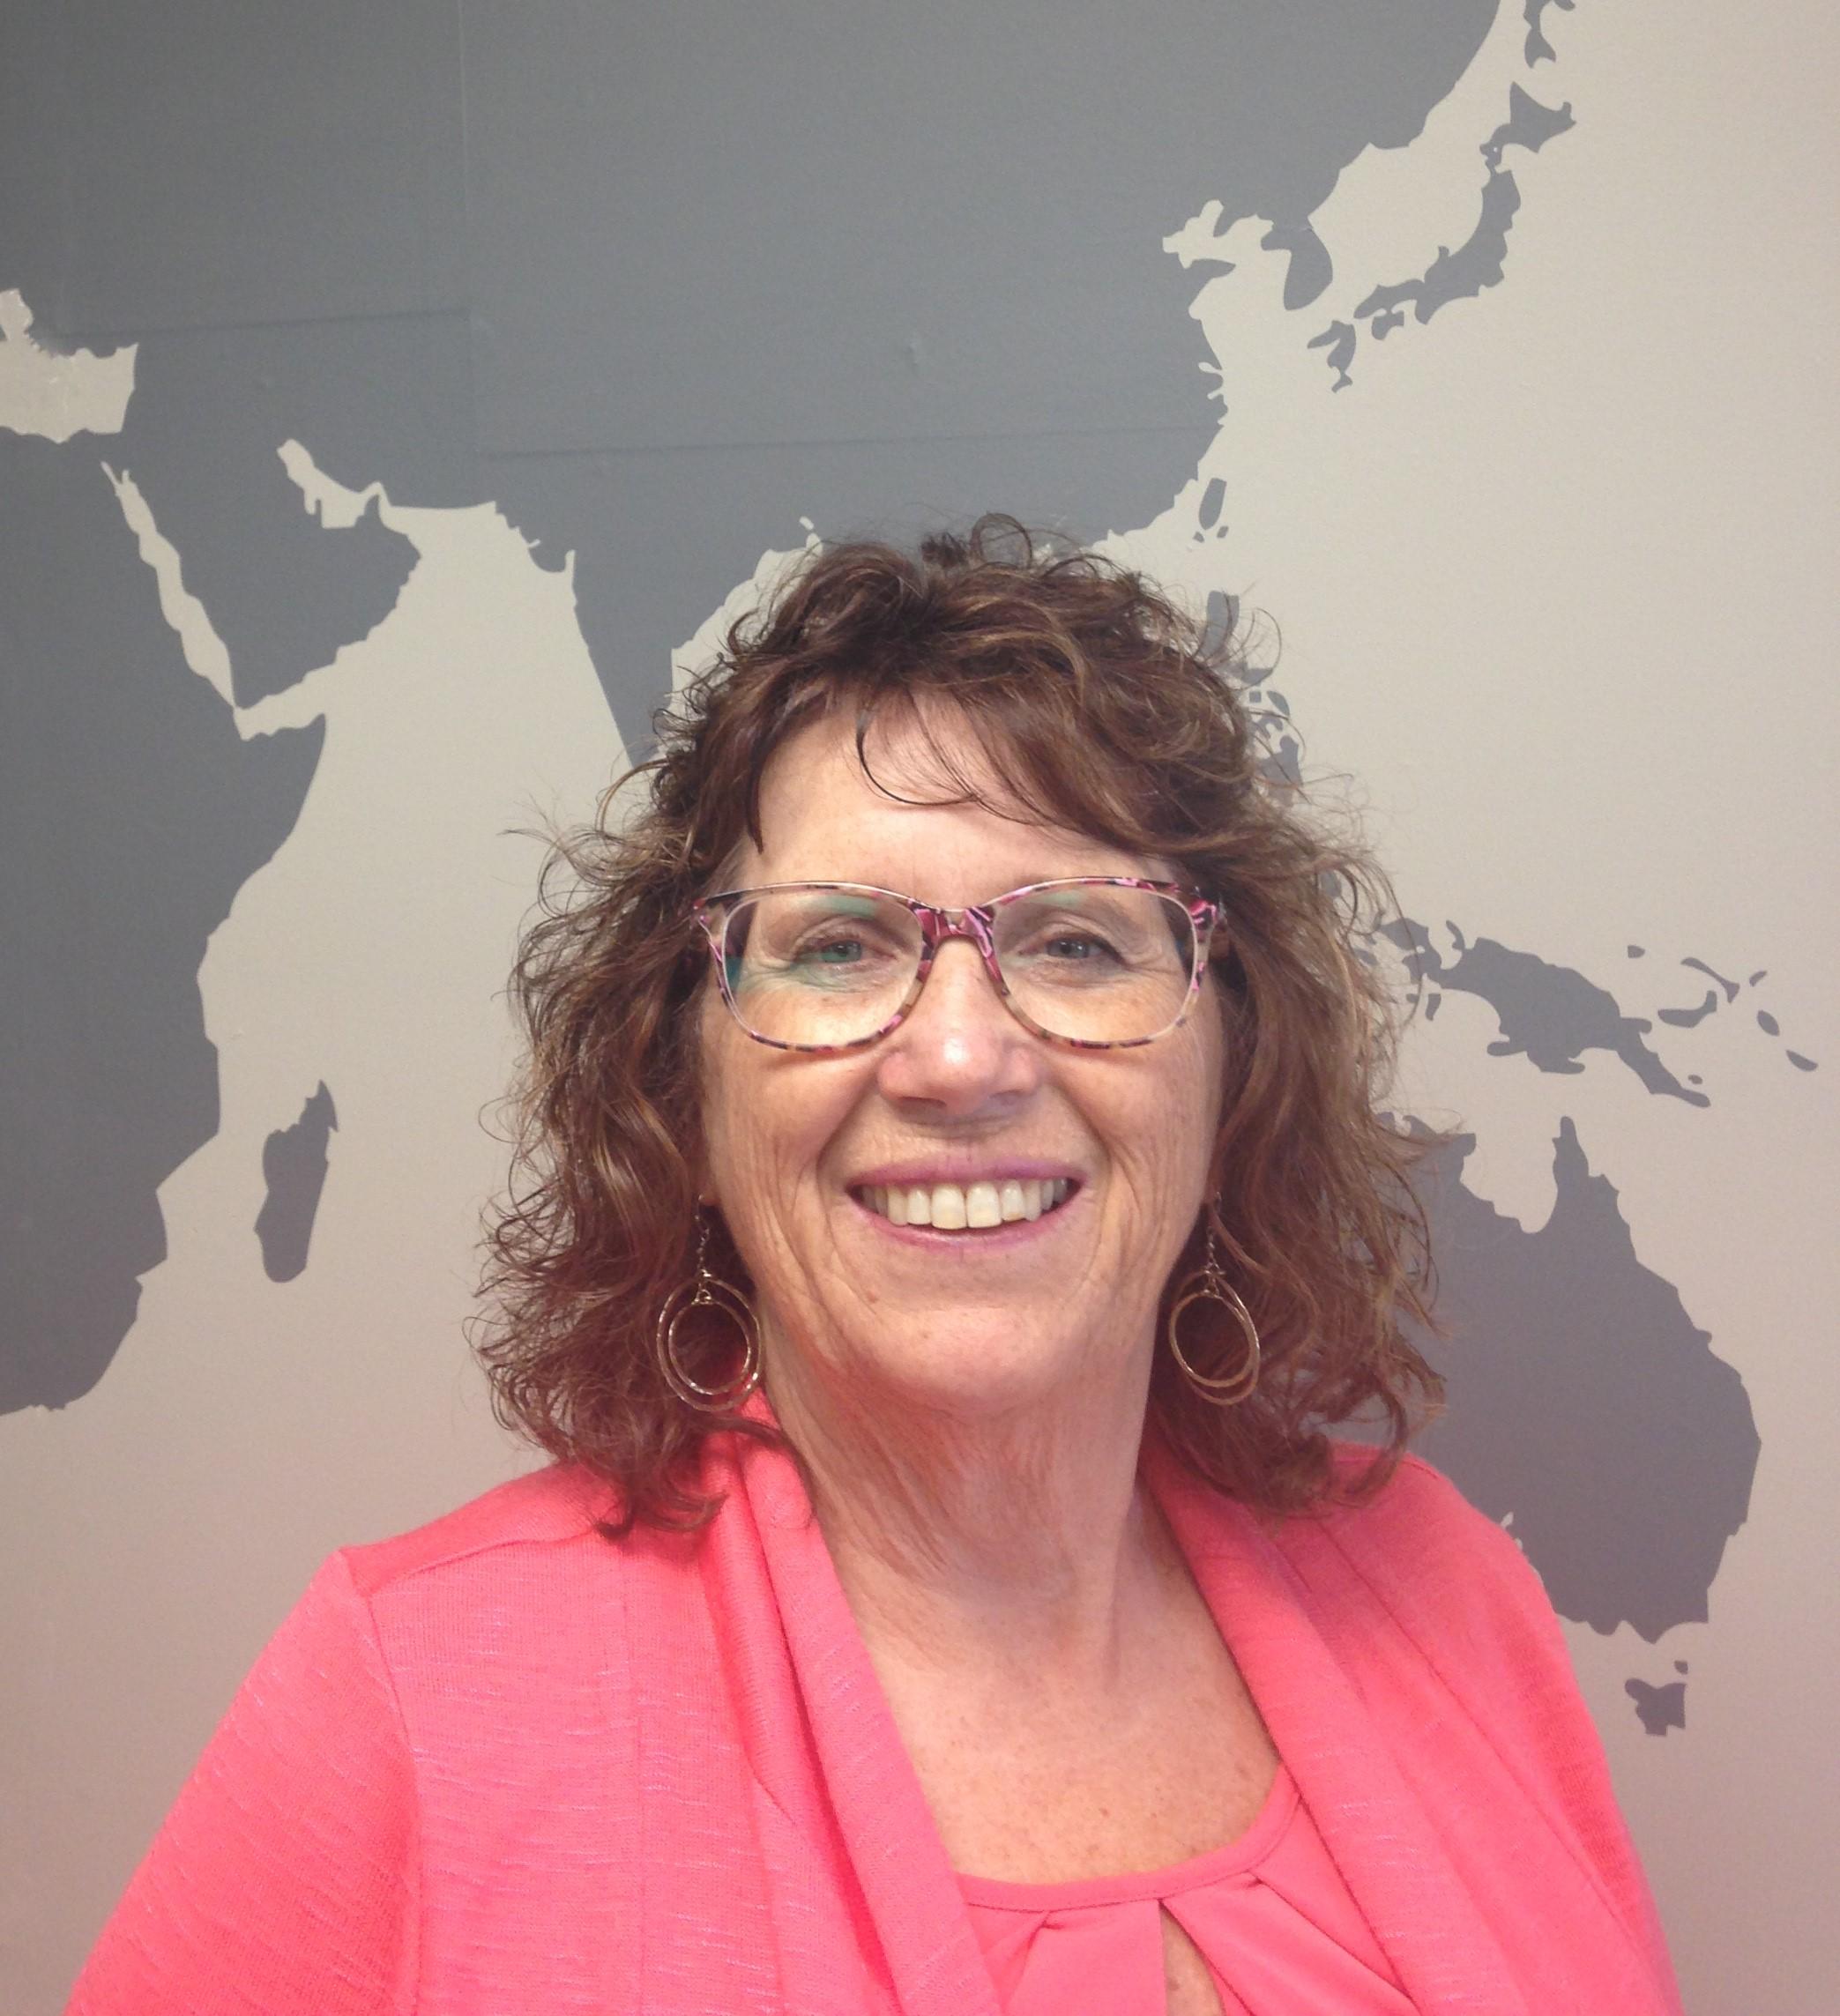 Brenda Dohlen